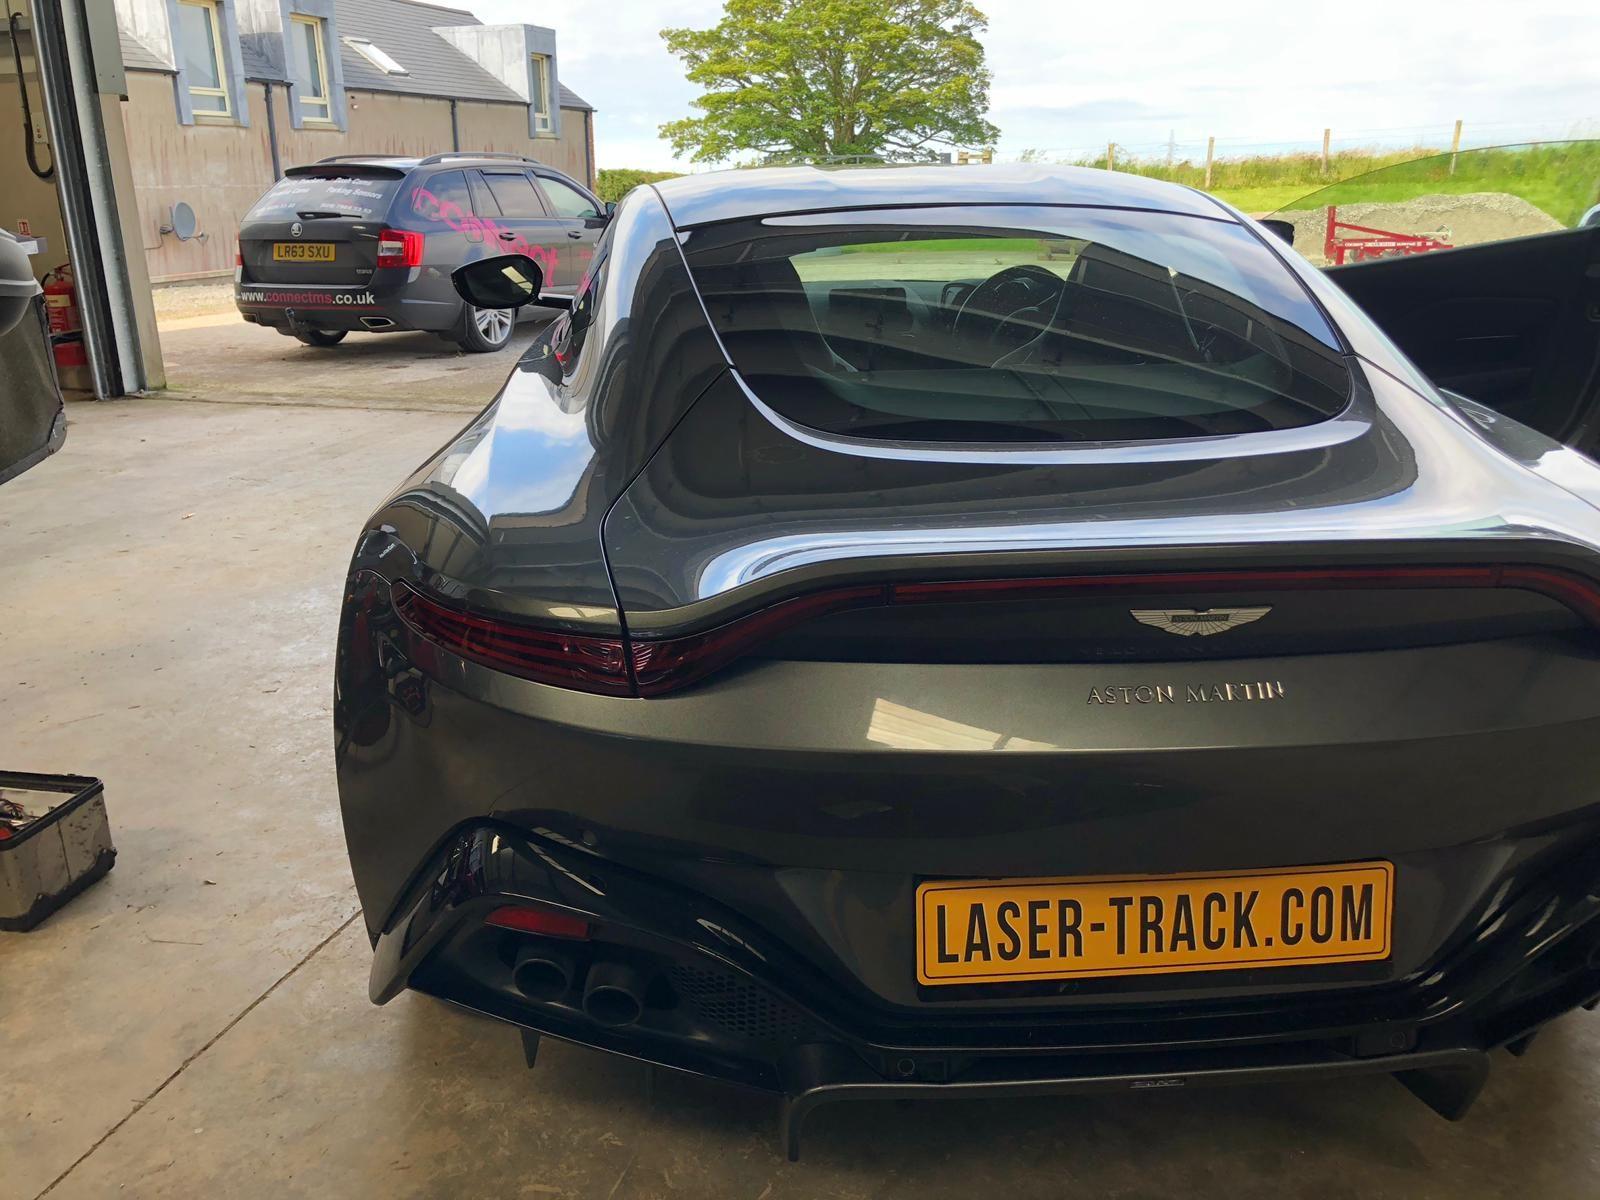 Aston Martin Vantage - Laser Jammer number plate